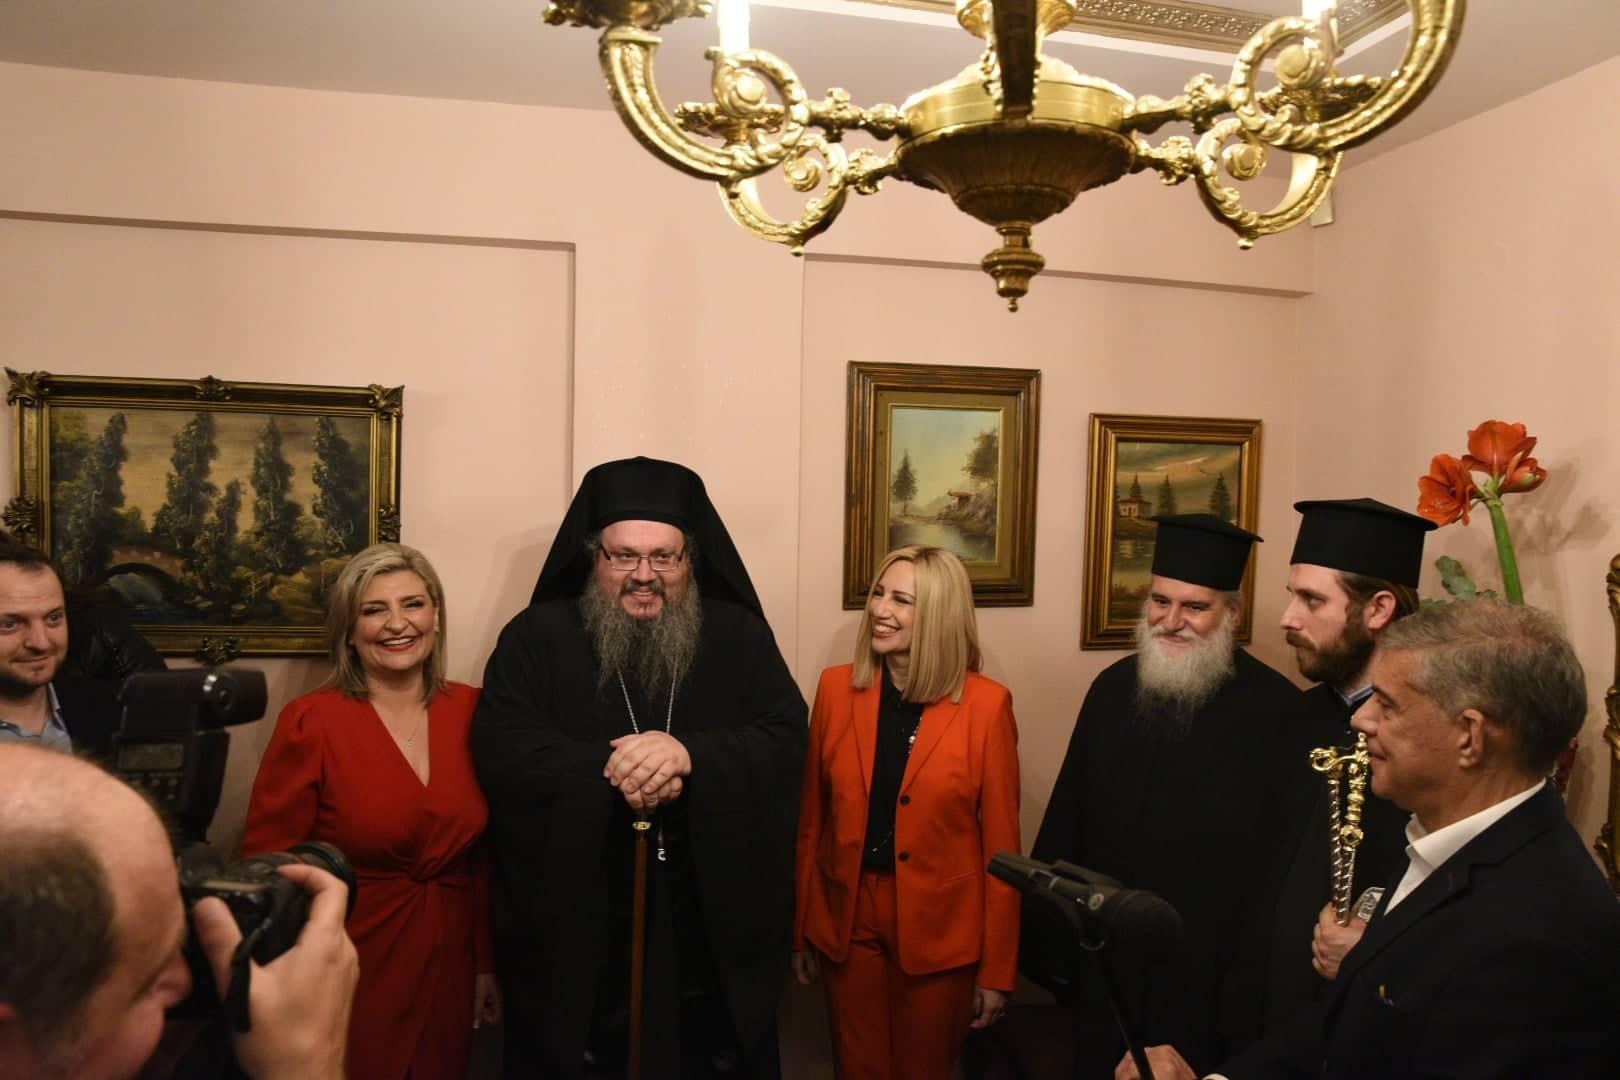 Ο Λαρίσης Ιερώνυμος Τέλεσε Τα Εγκαίνια Του Πολιτικού Γραφείου Της Κ. Ευαγγελίας Λιακούλη